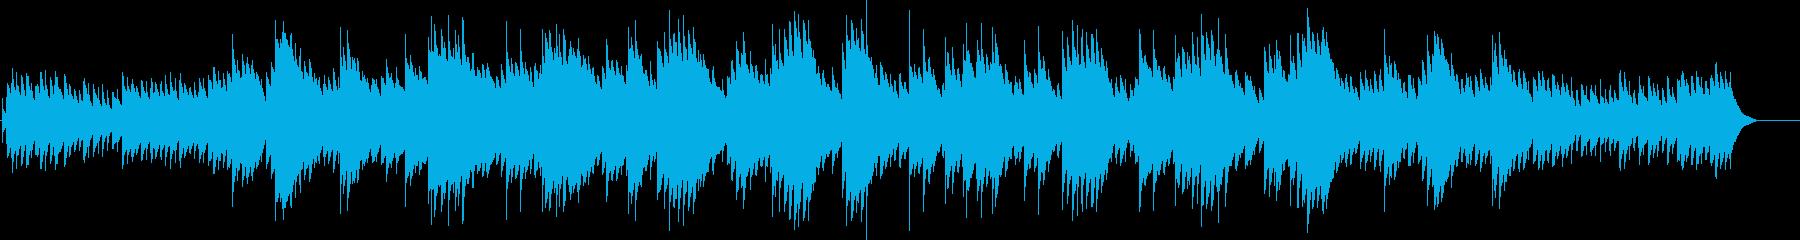 シューベルトのアヴェマリア(オルゴール)の再生済みの波形